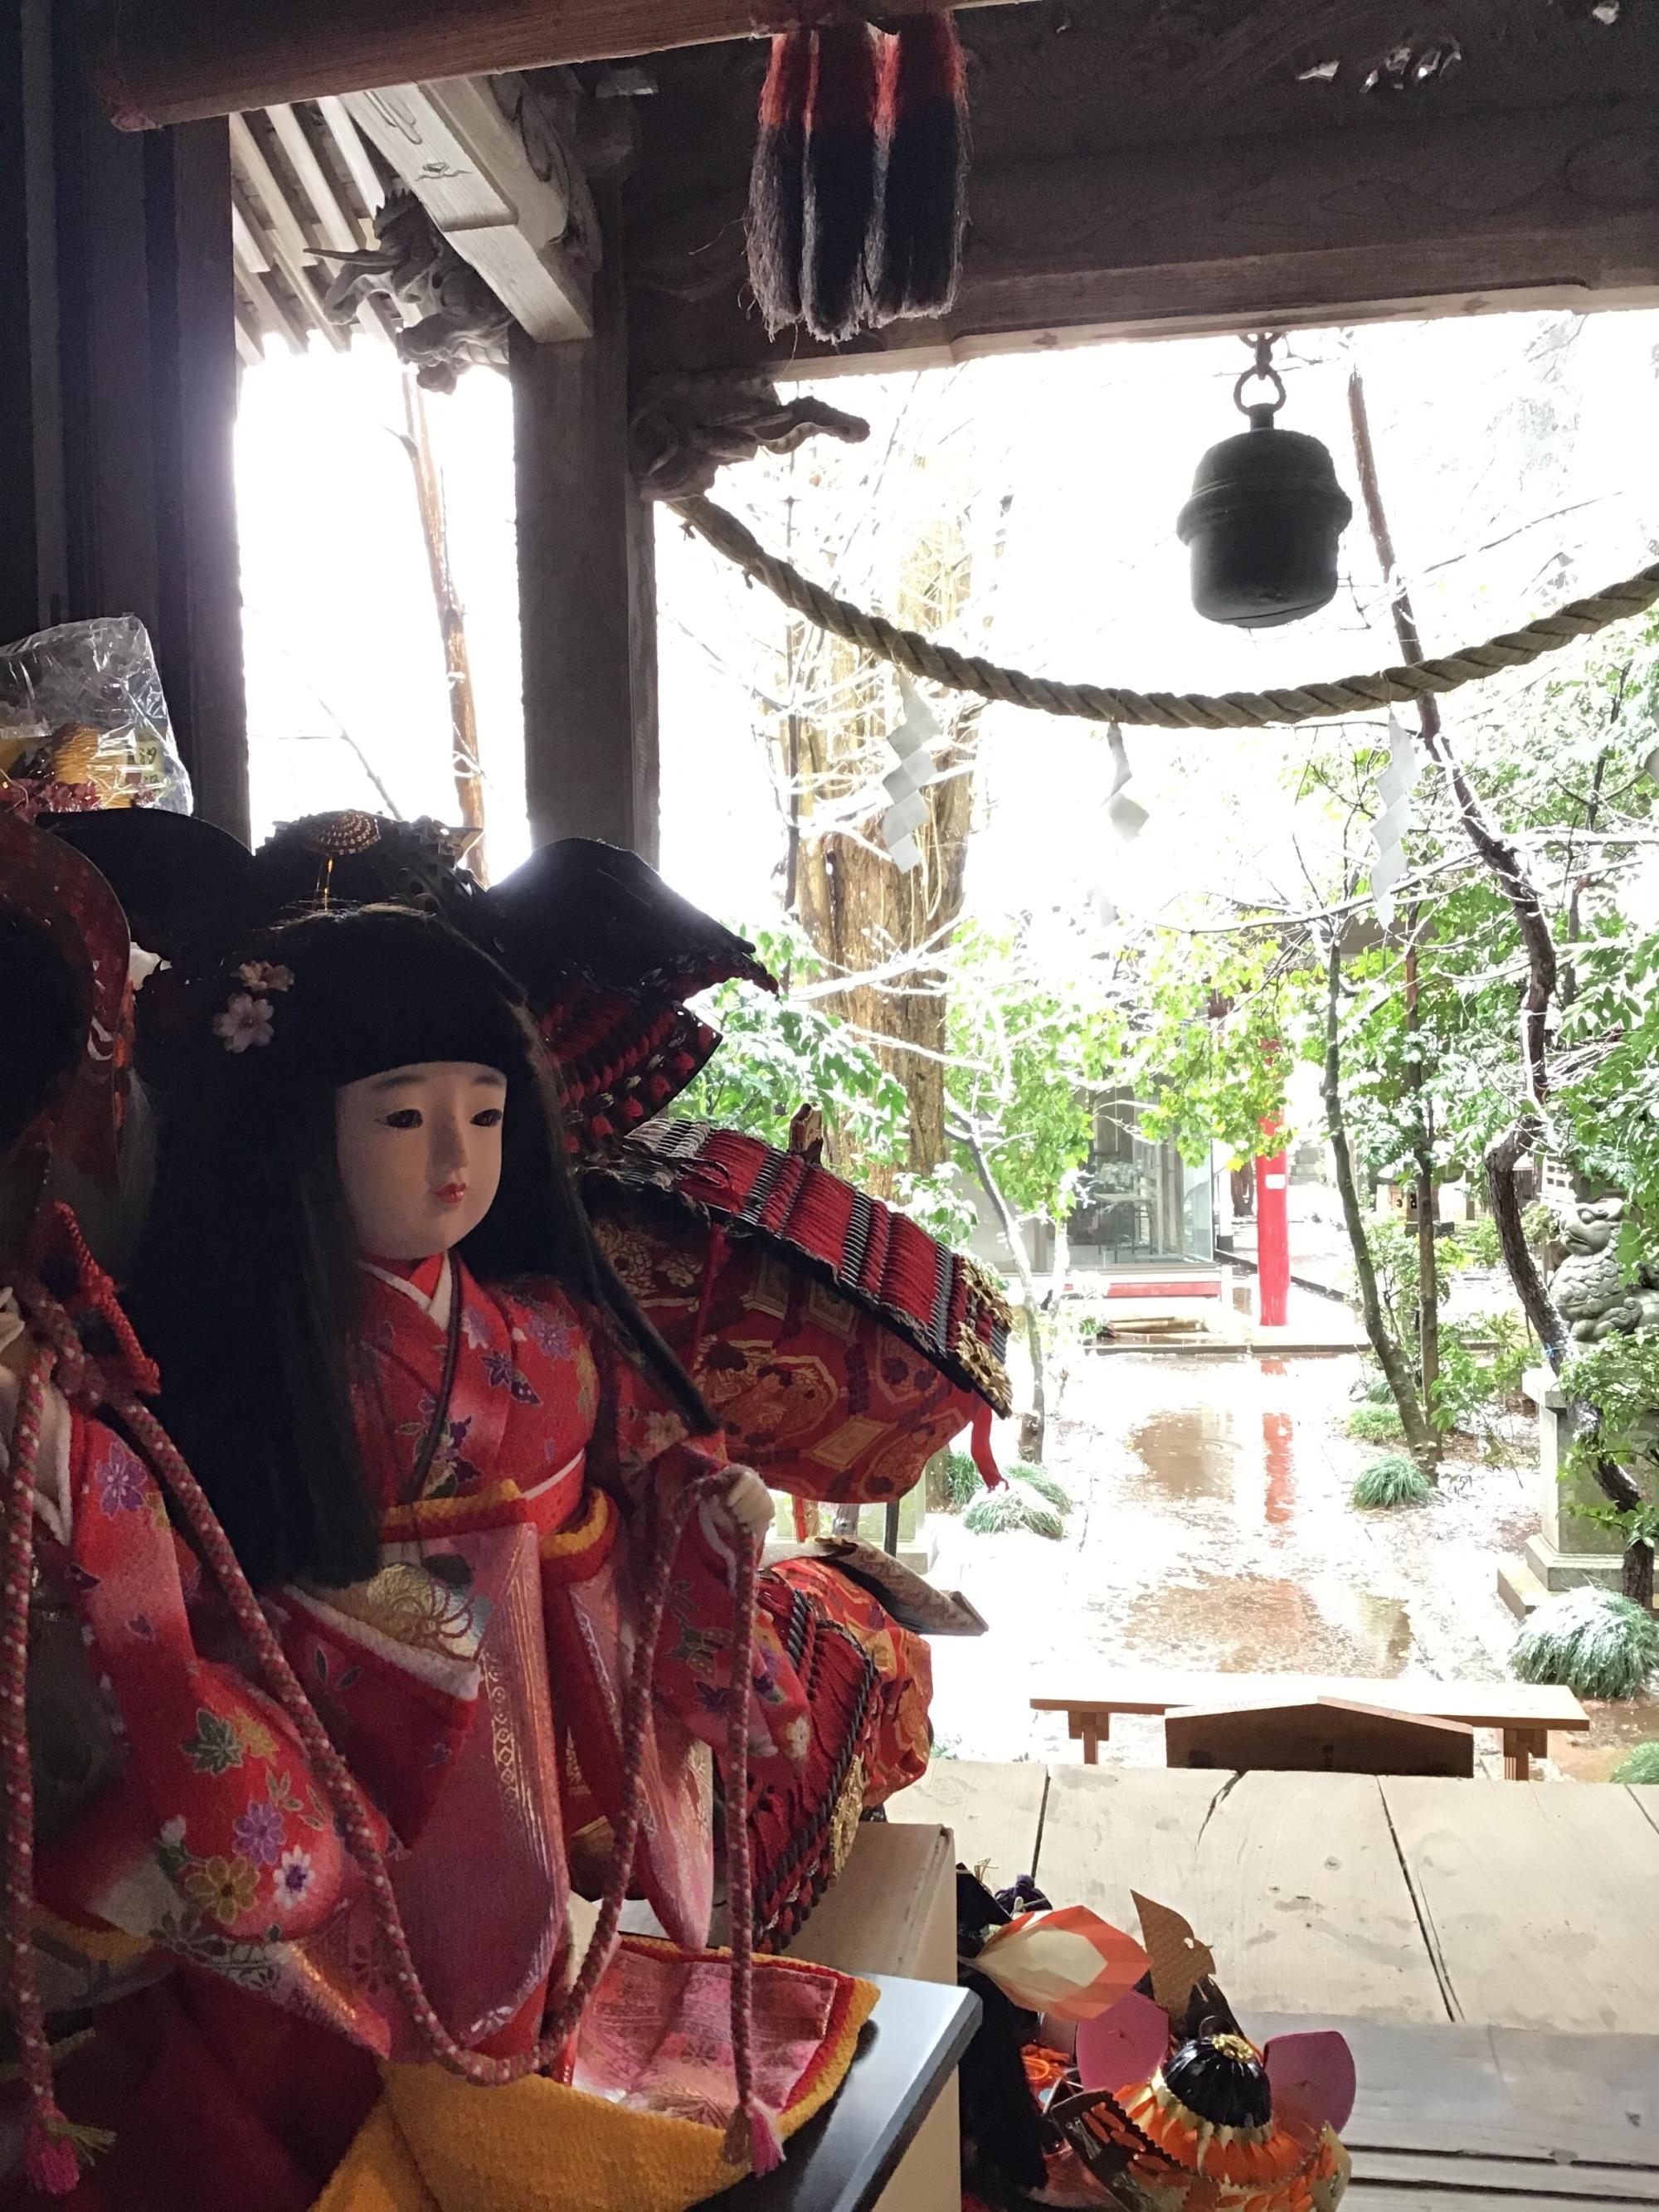 花見と雪見が同時に!降雪&積雪の中の人形供養慰霊祭